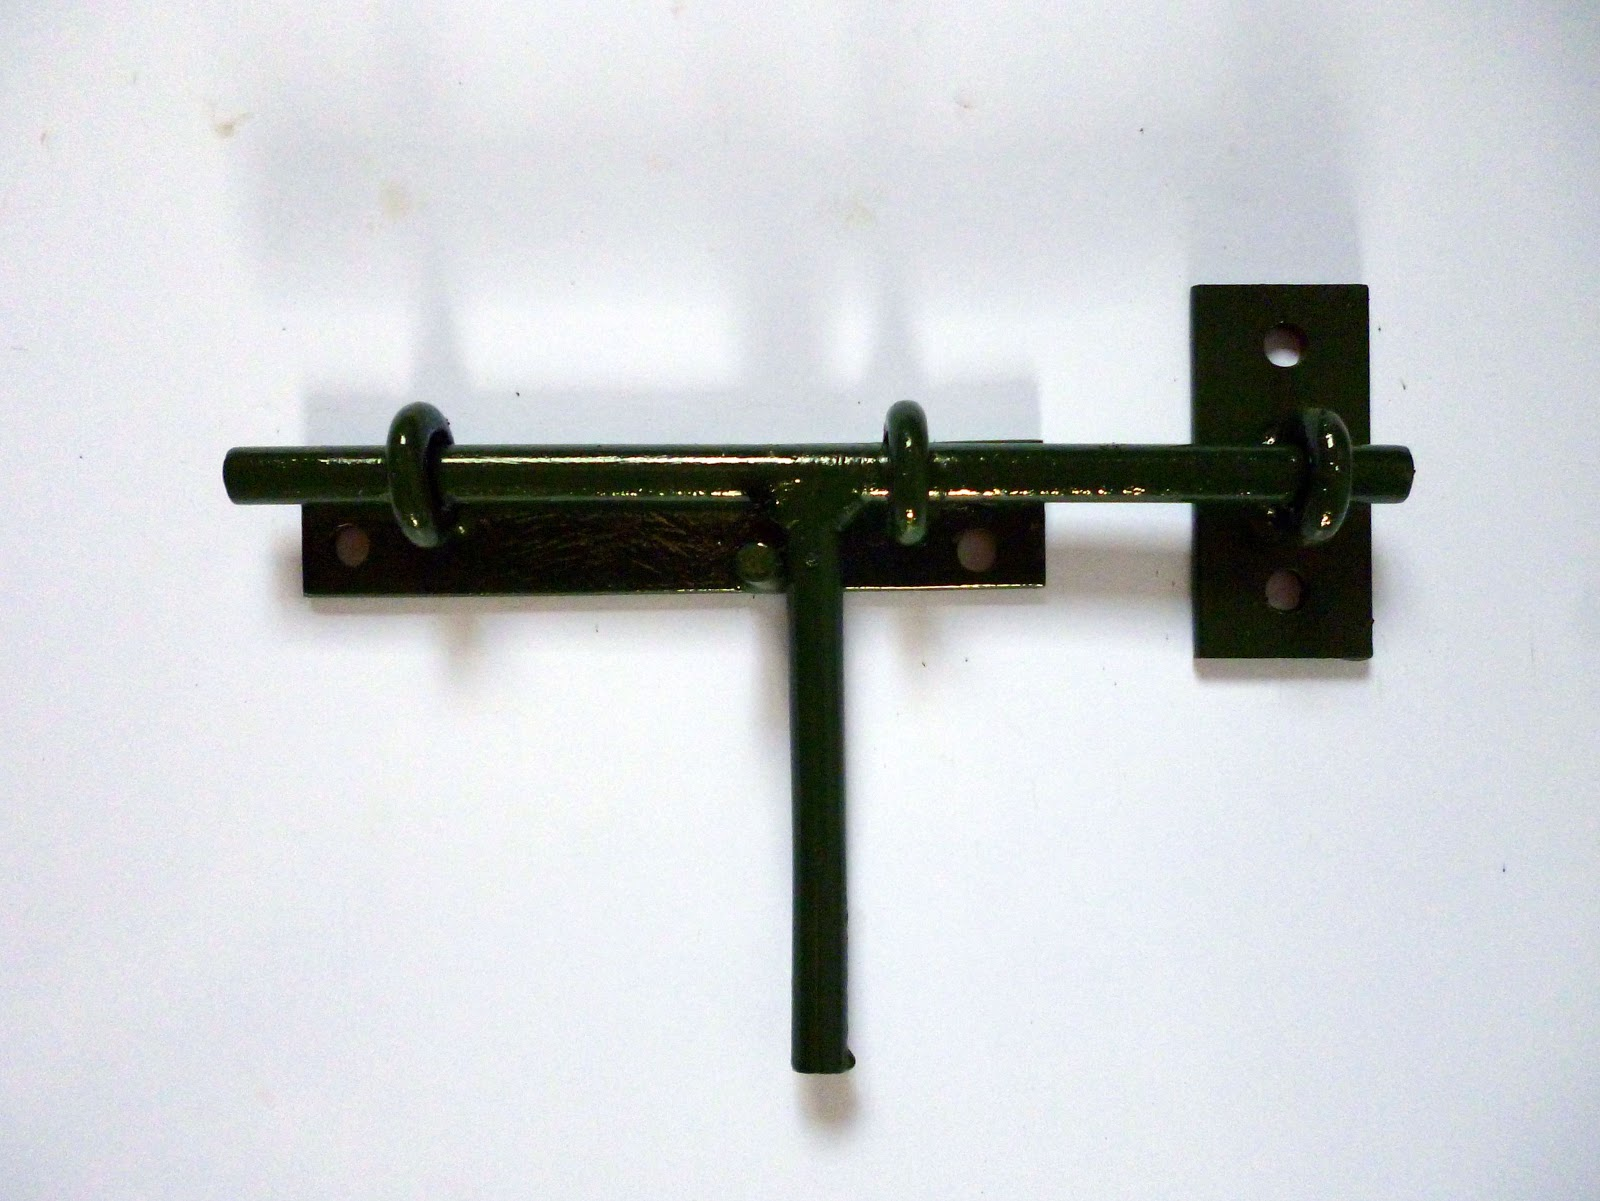 Pasador horizontal liviano y reforzado herreria y - Pasadores para puertas ...